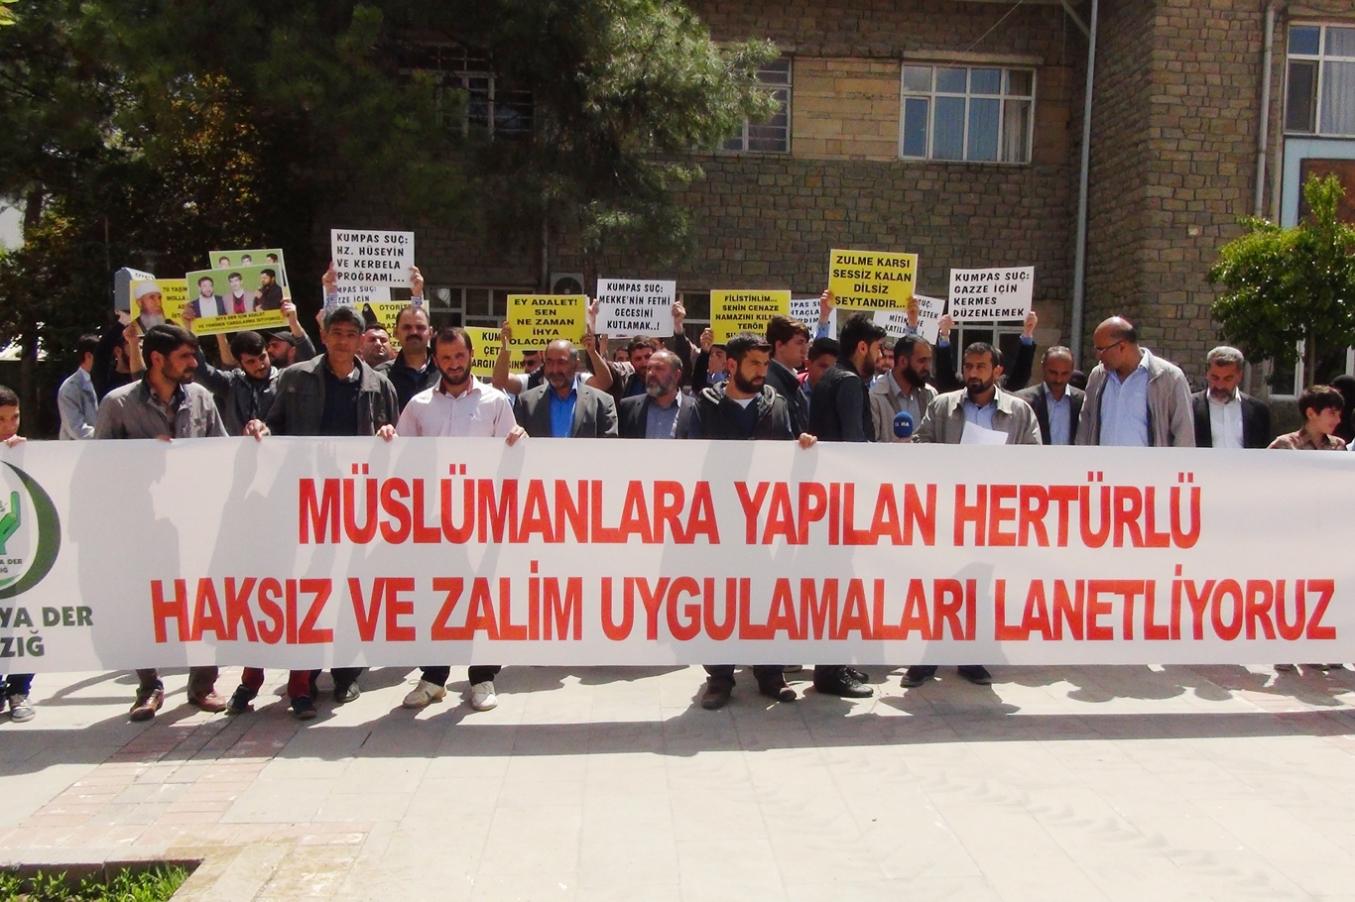 İslami STK Üyelerine verilen ceza Elazığ'da Protesto Edildi